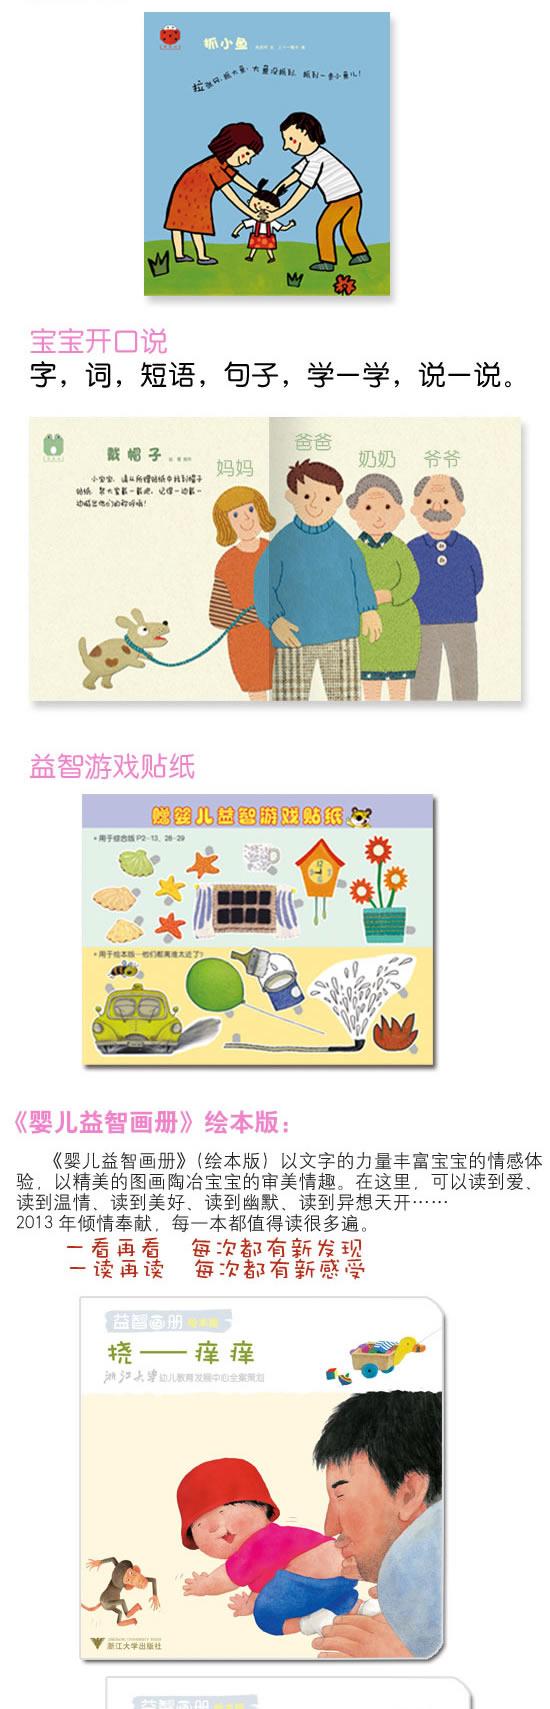 婴儿益智画册(综合版+绘本版)杂志订阅